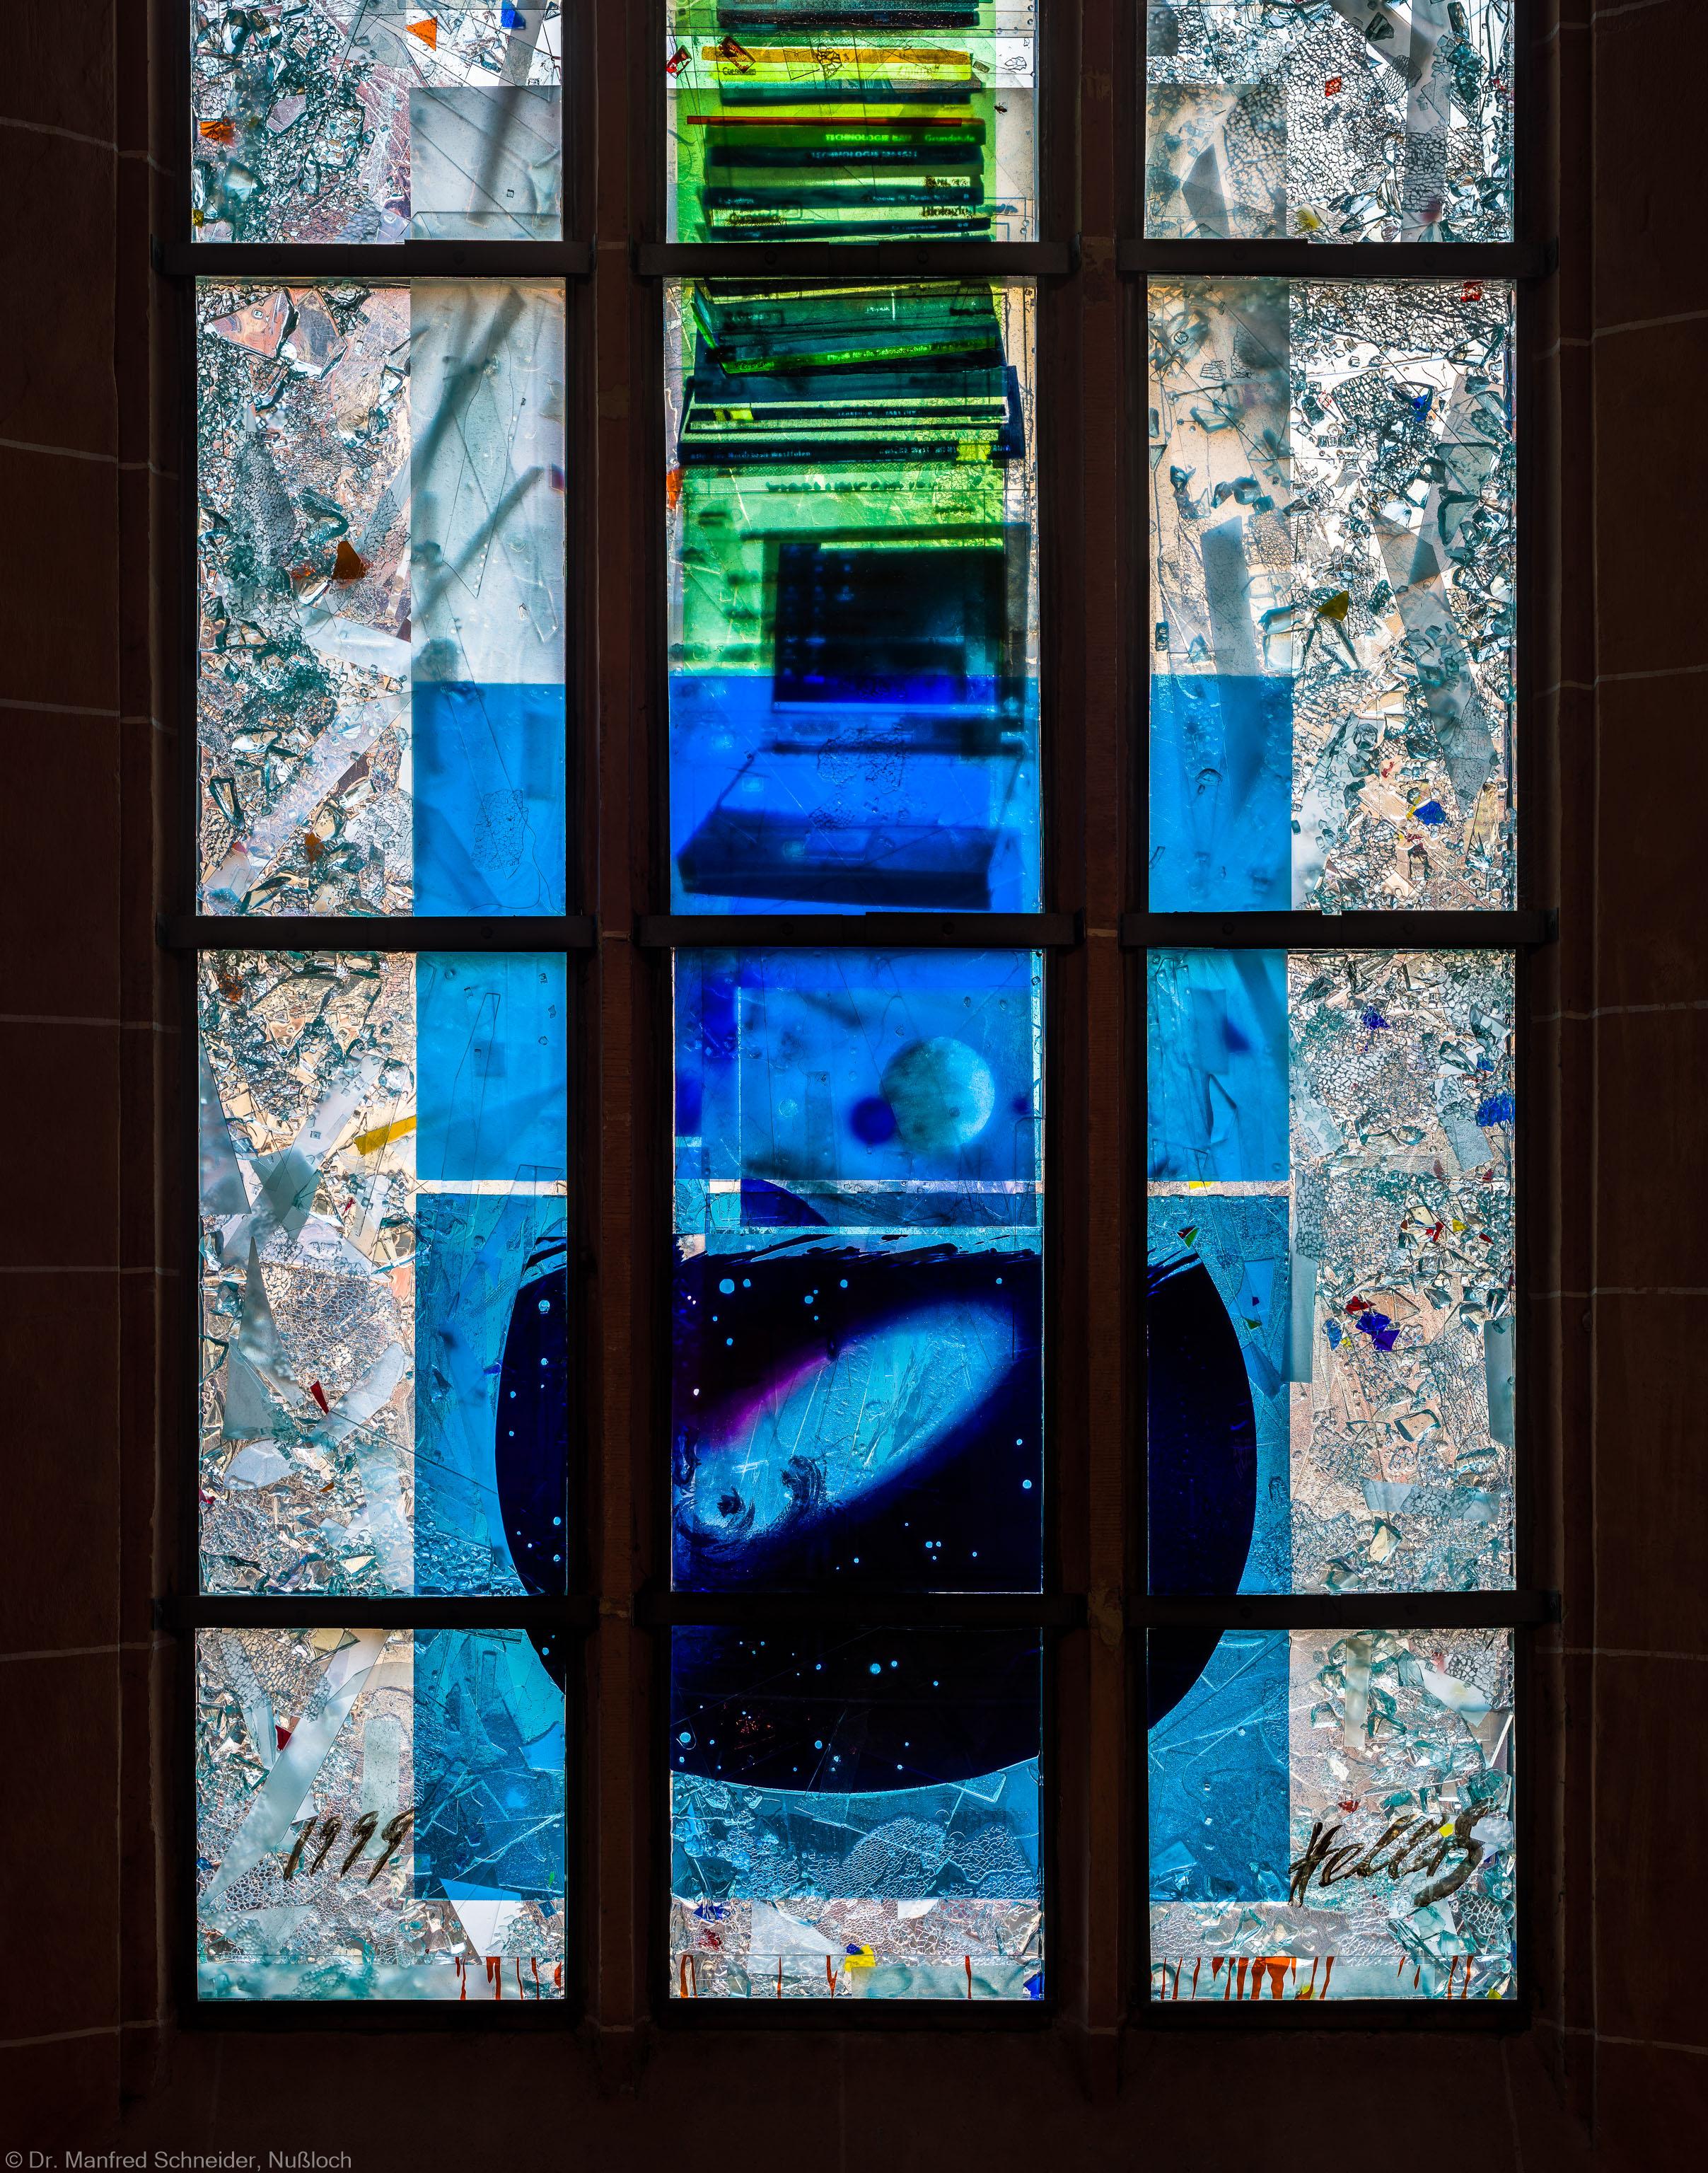 """Heidelberg - Heiliggeistkirche - Nordschiff - 4. Joch, von Westen aus gezählt - Ausschnitt aus dem Fenster """"Schöpfungsgeschichte - Der Weltkreis ist voll vom Geiste Gottes"""" von Hella De Santarossa (aufgenommen im Oktober 2015, am Nachmittag)"""